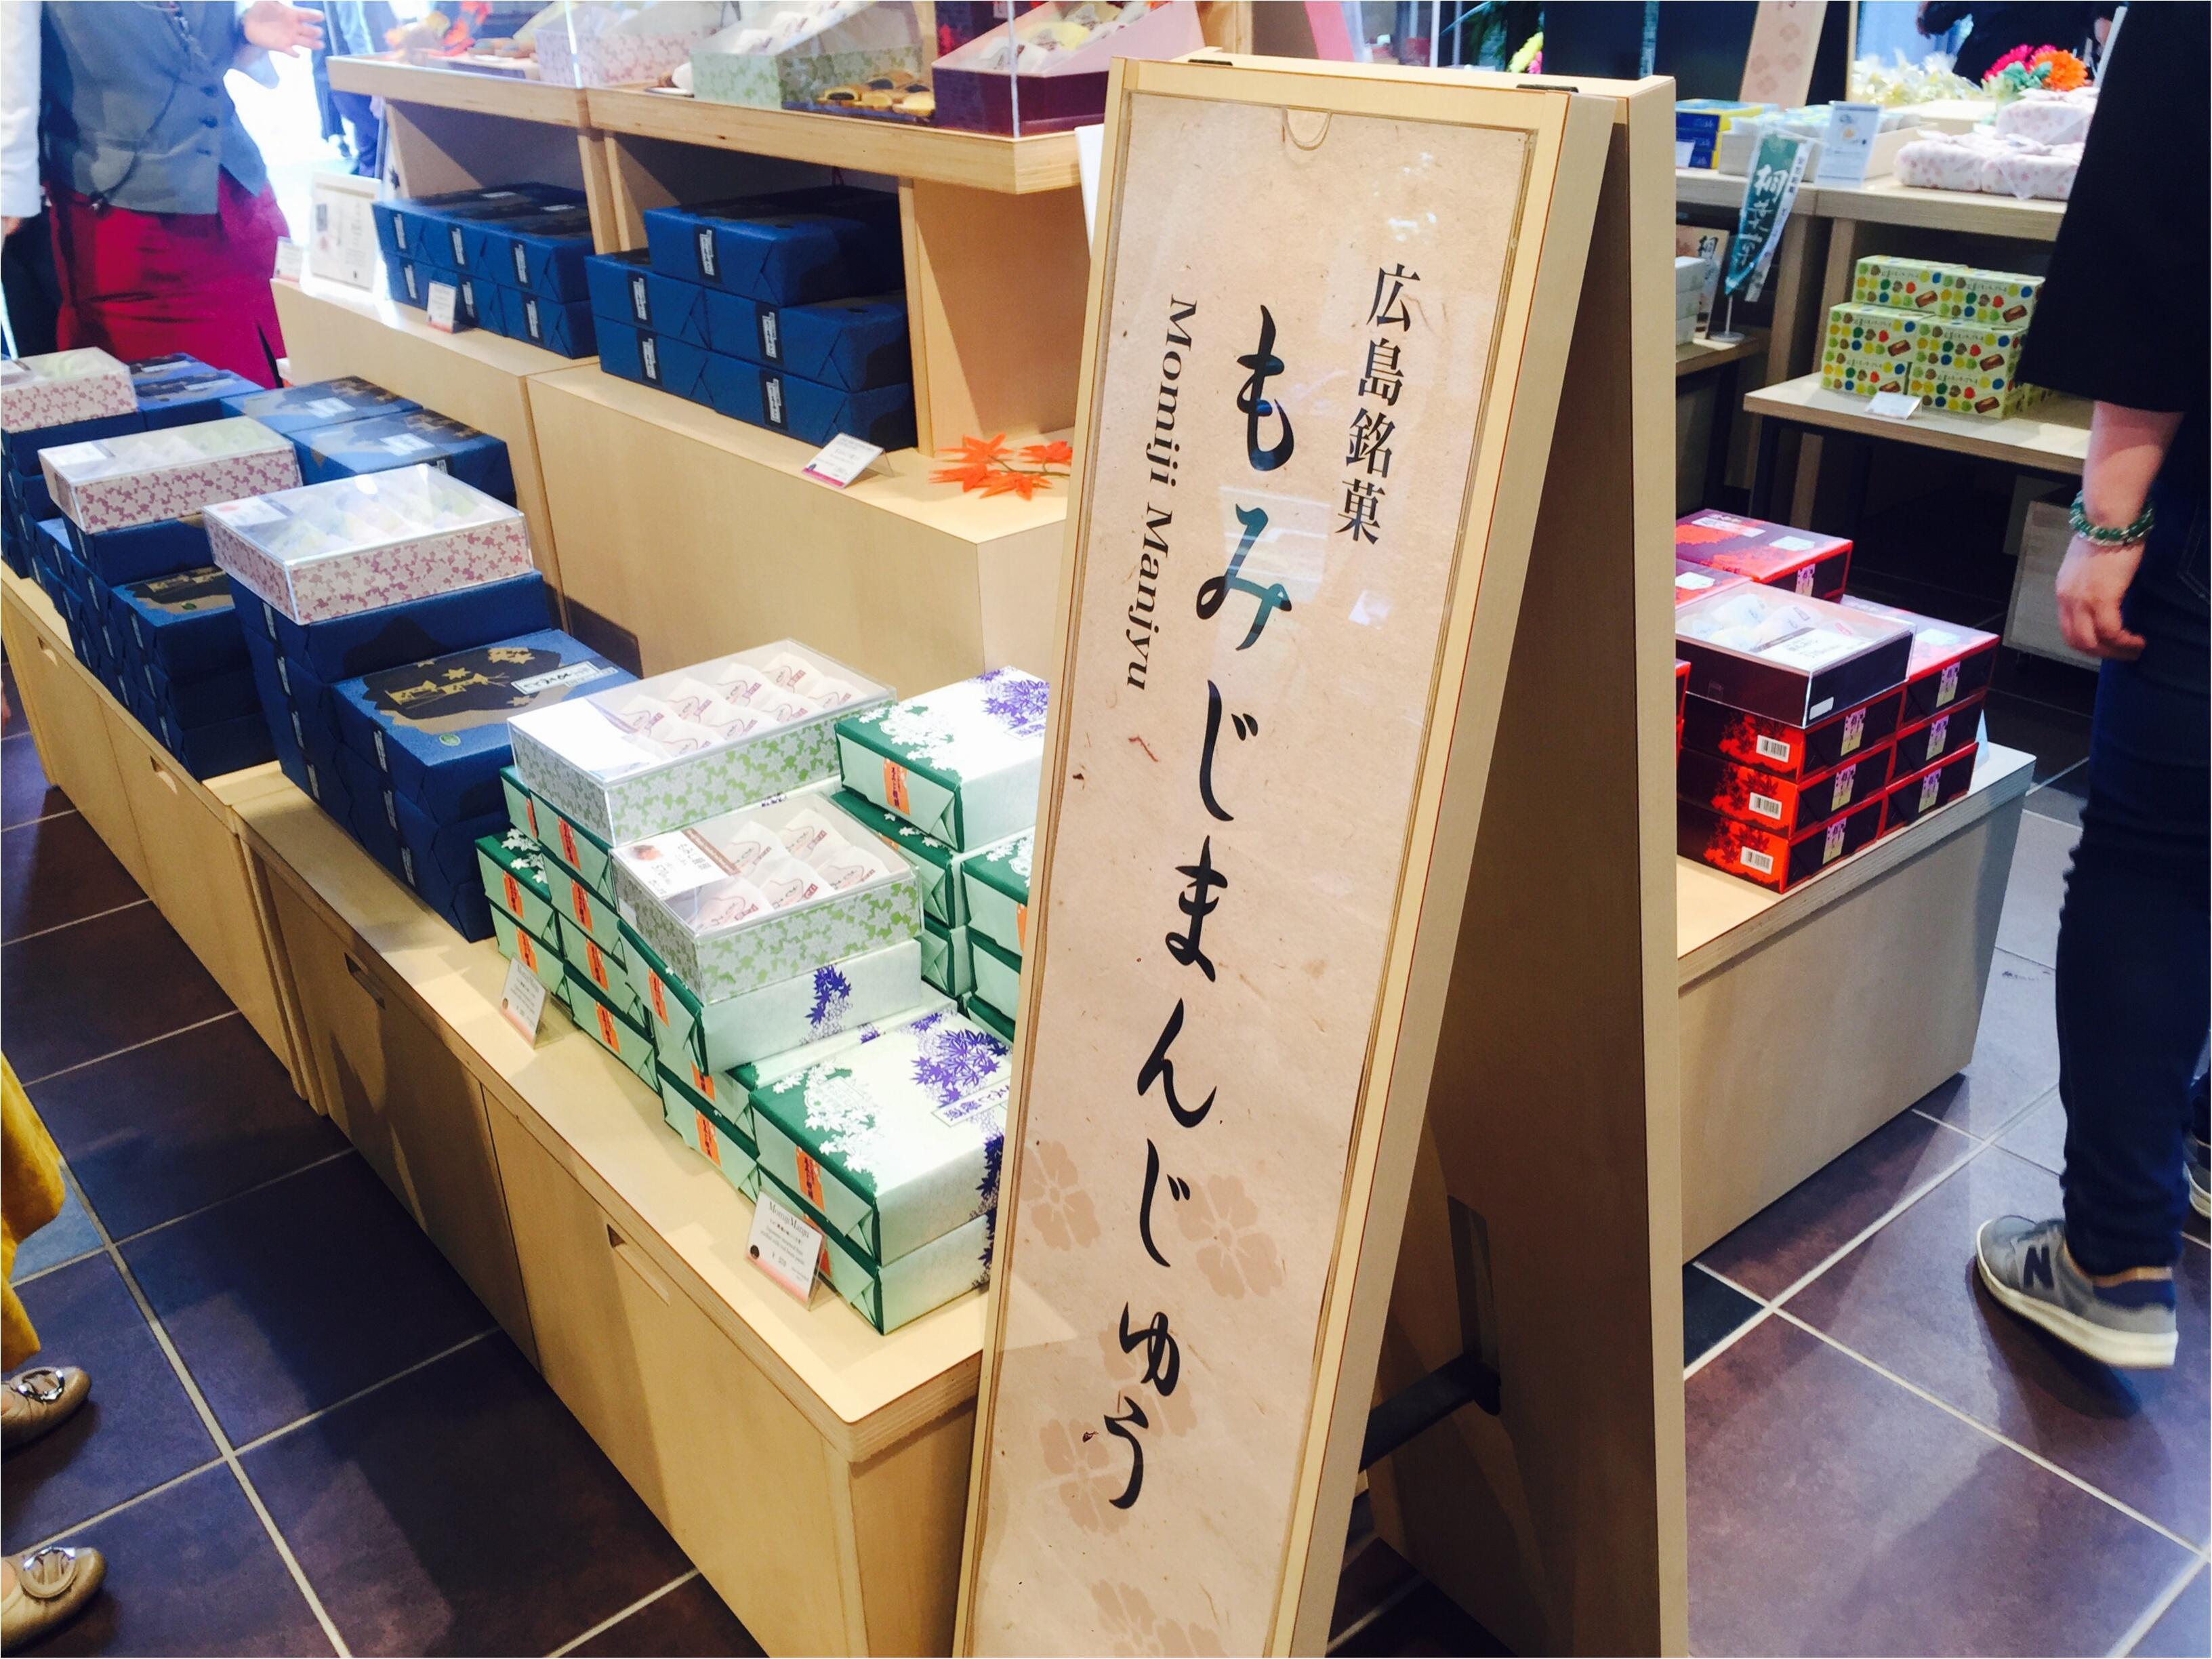 広島のおしゃれなお土産特集《2019年》- 人気の定番土産から話題のチョコ、スタバの限定タンブラーも!_60